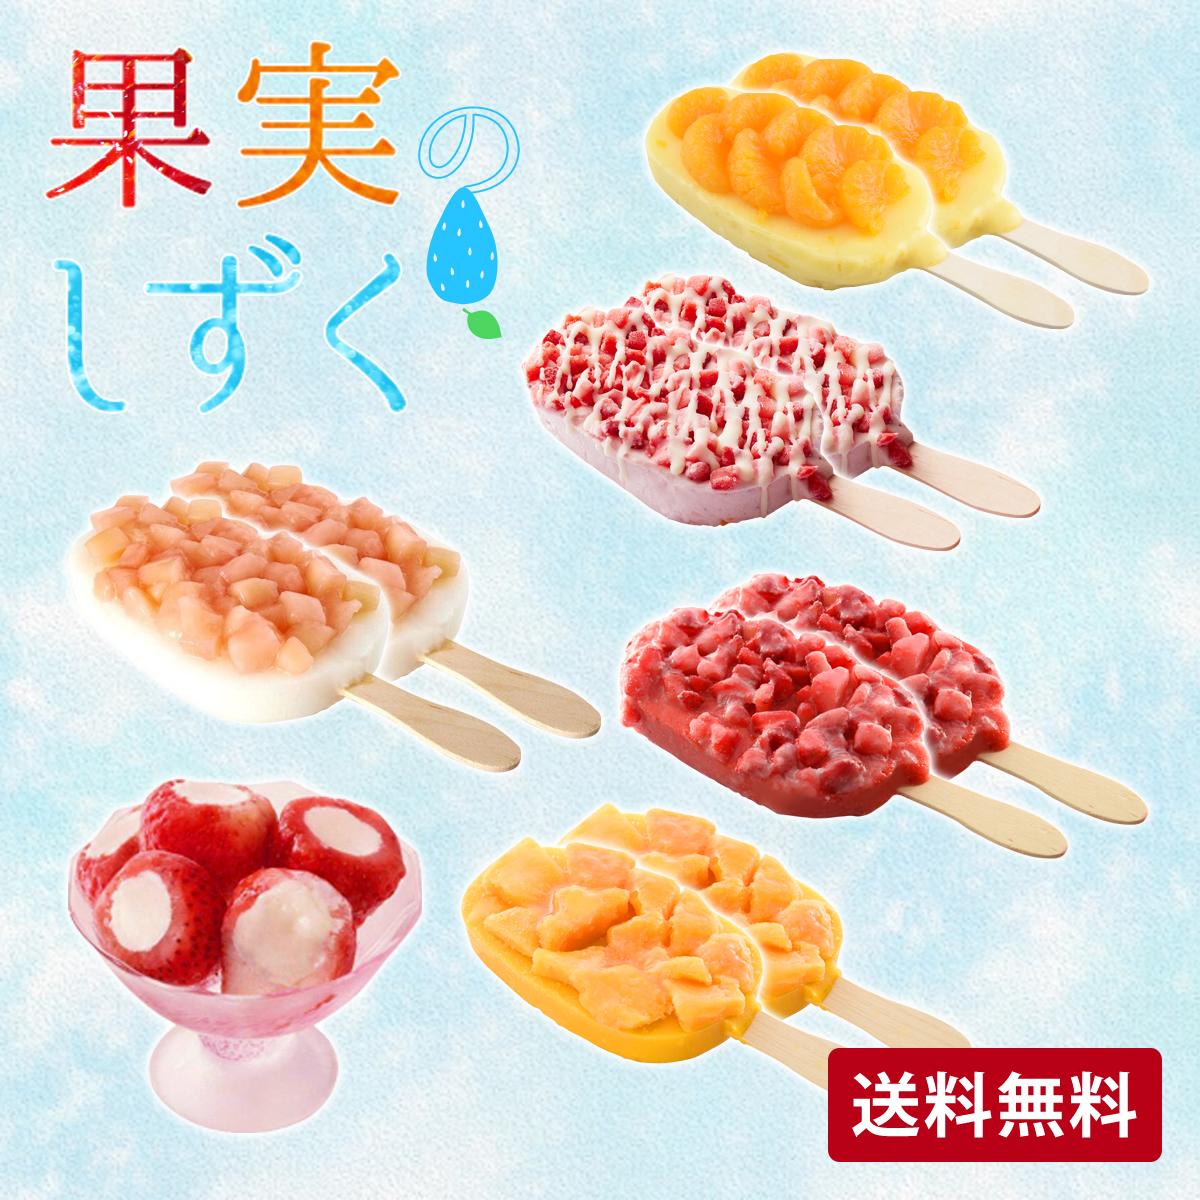 お歳暮ギフト 果実のしずく ダブルセット(リッチ果実バー10本・新まるごと苺アイス1個 rc-11